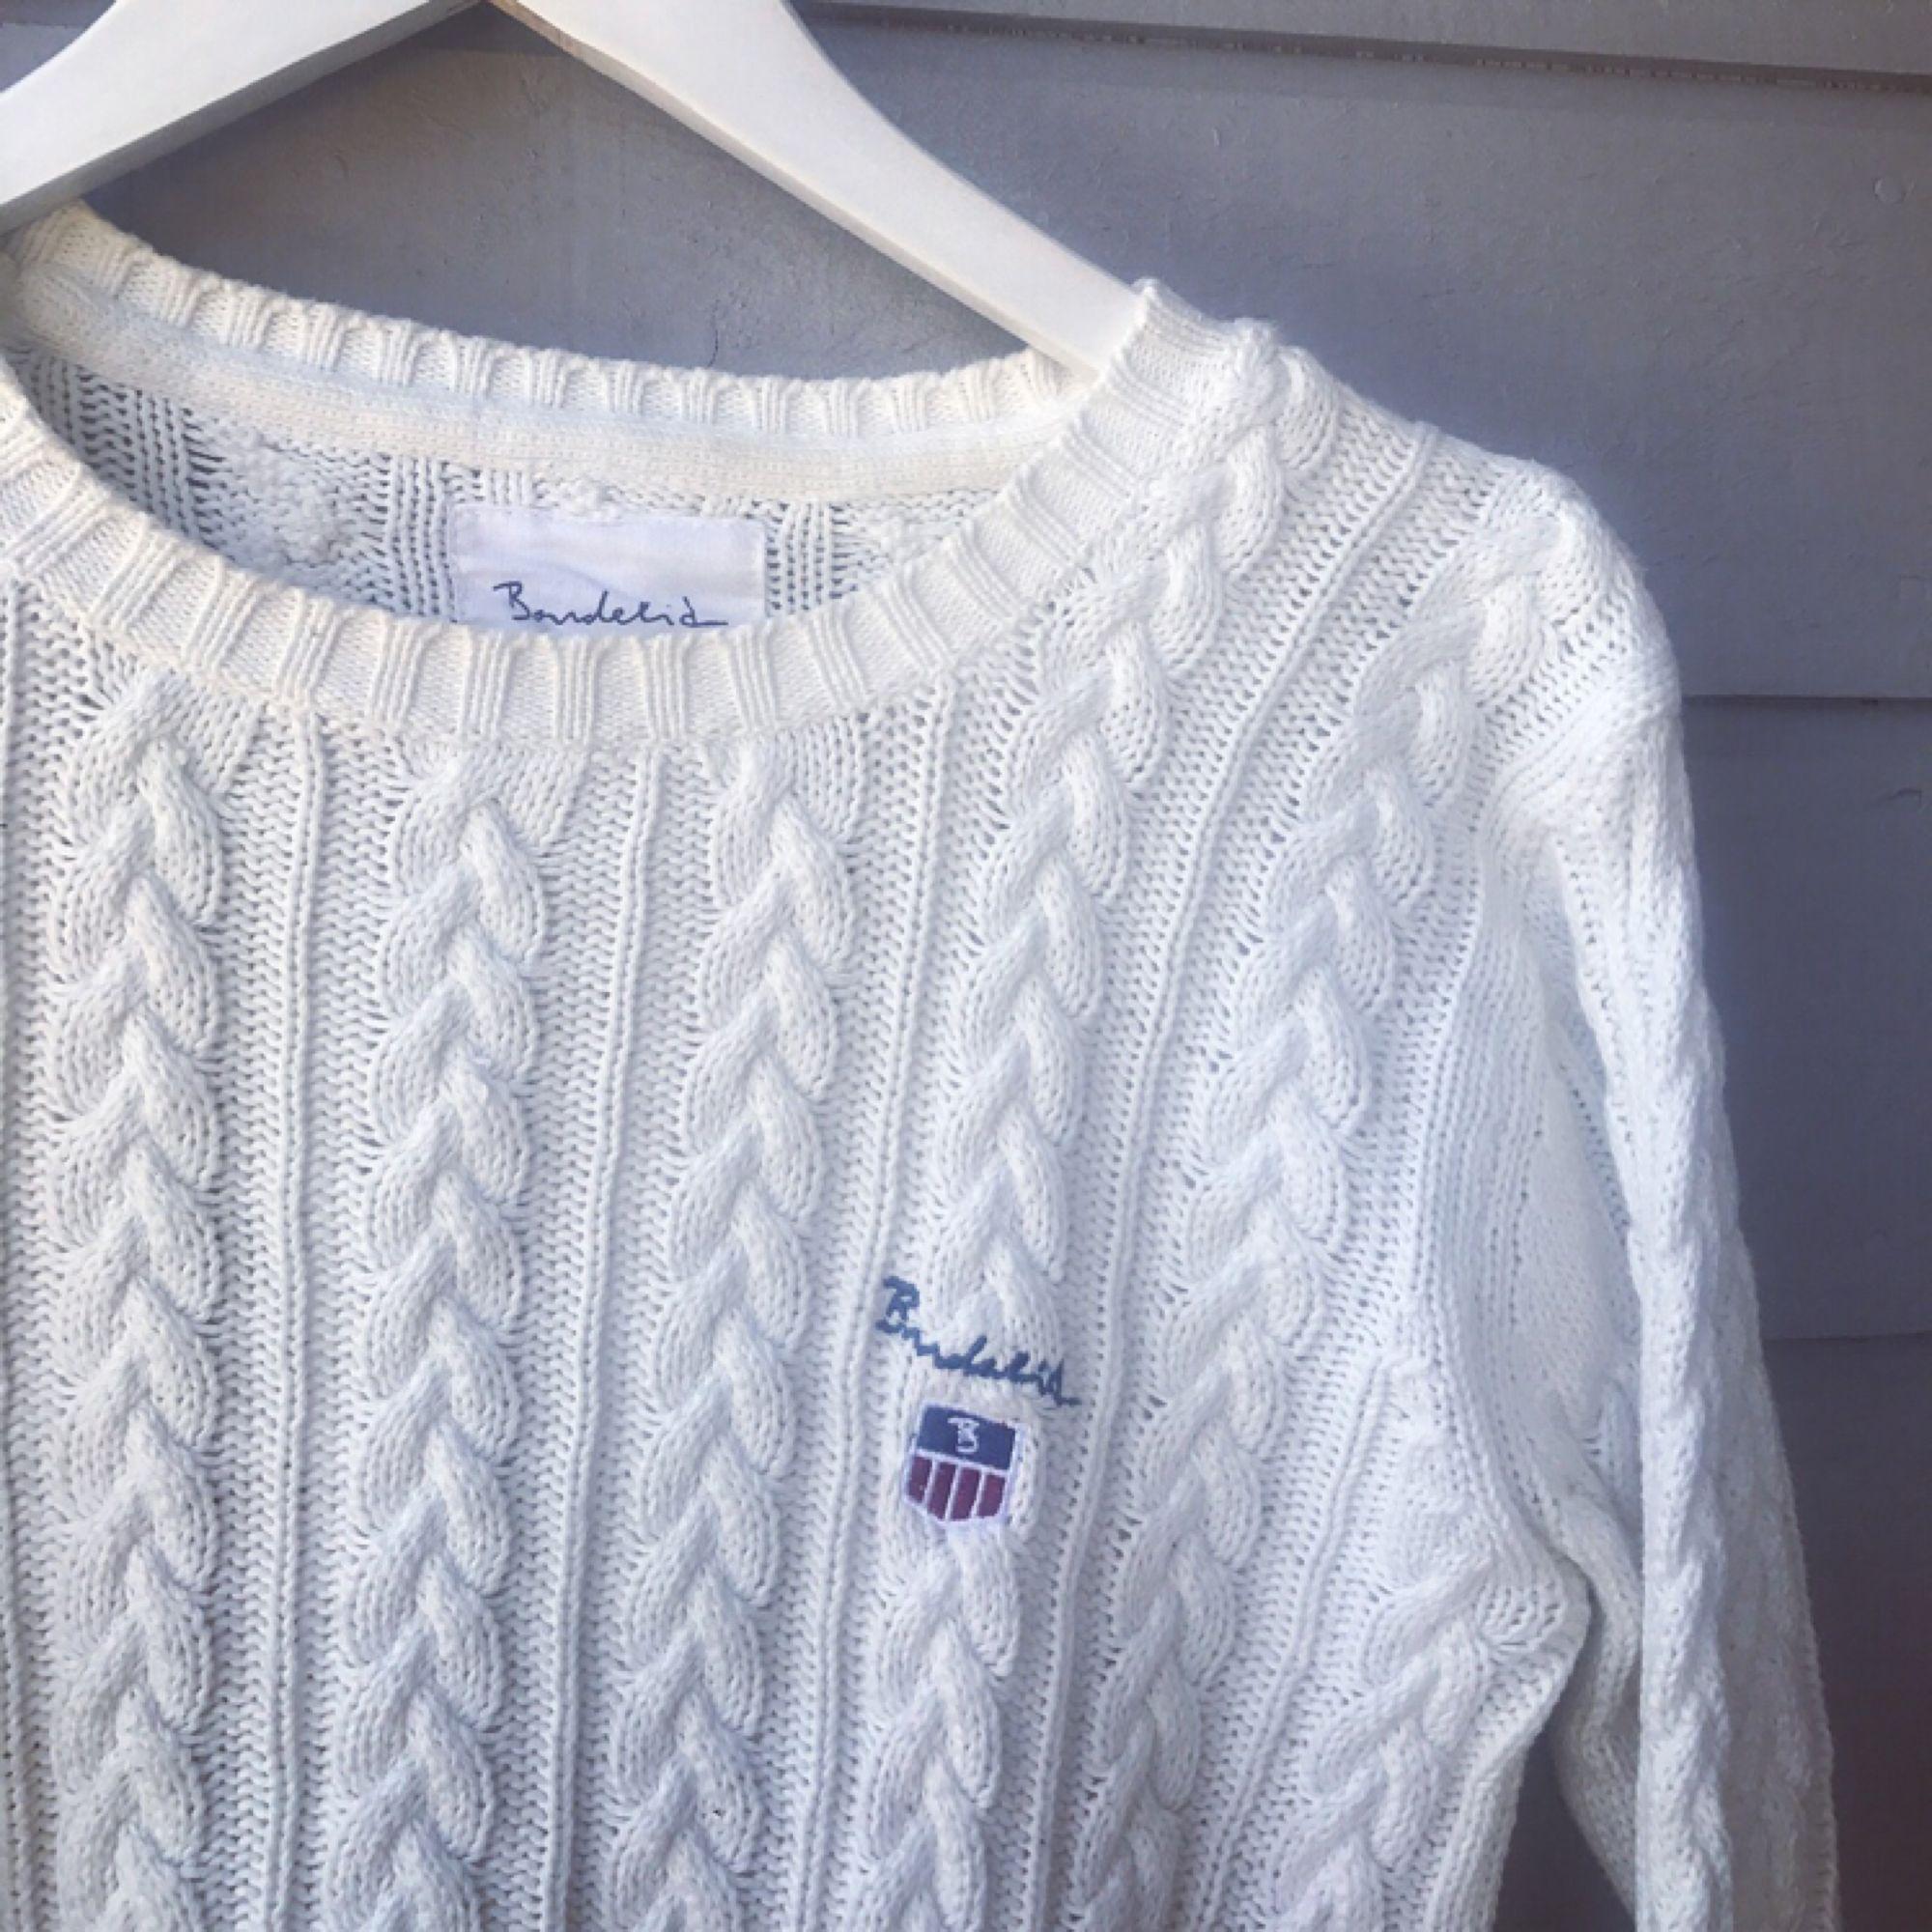 Kabelstickad tröja ifrån Bondelid. I fint skick, använd ett fåtal gånger. Men väldigt skön, varm och i bra kvalité! 💅🏼. Tröjor & Koftor.